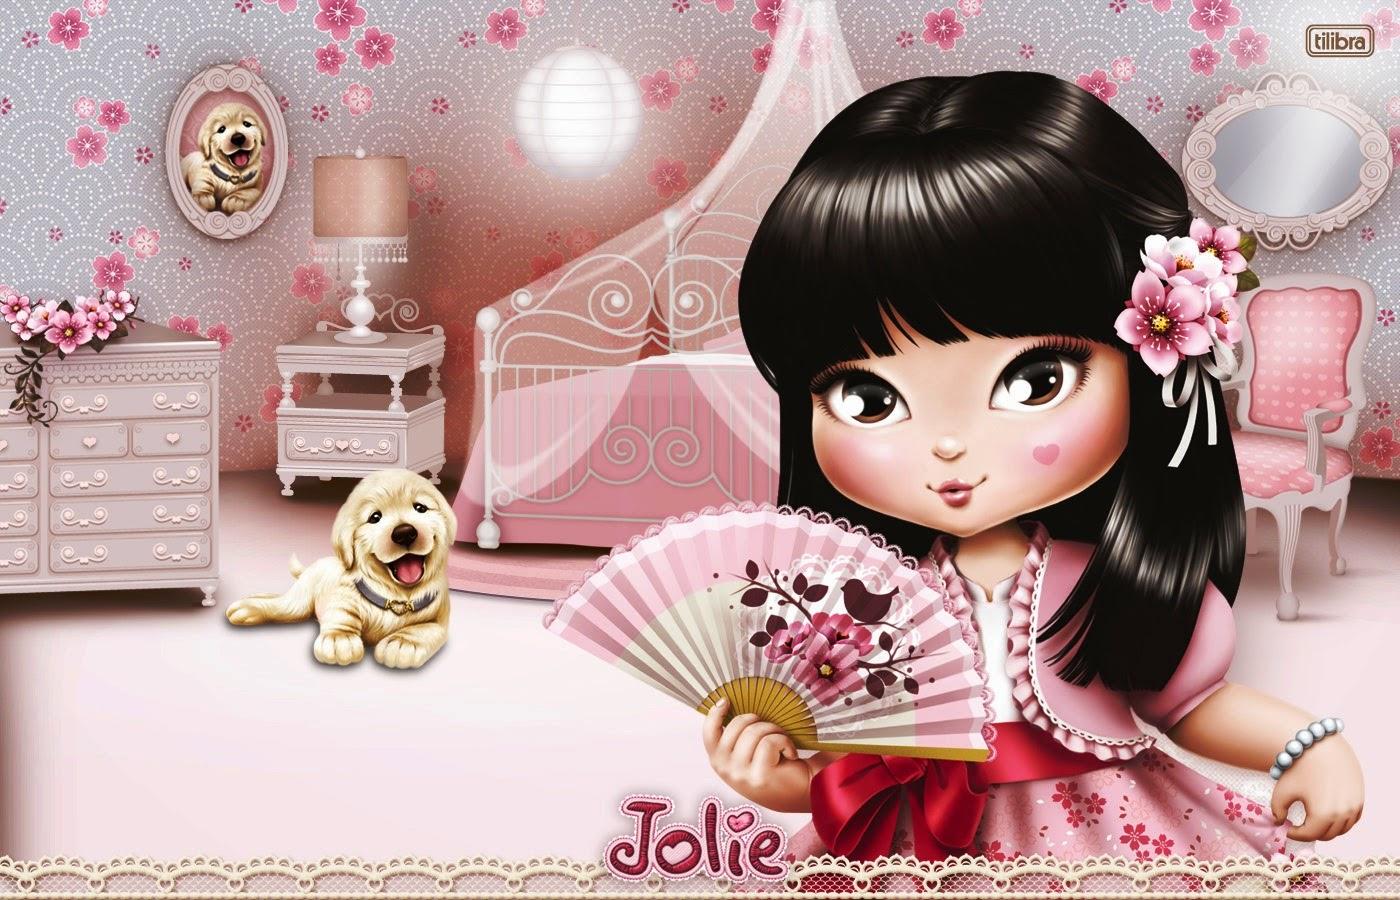 Coffee Draw: Jolie Galeria De Fotos Em Png